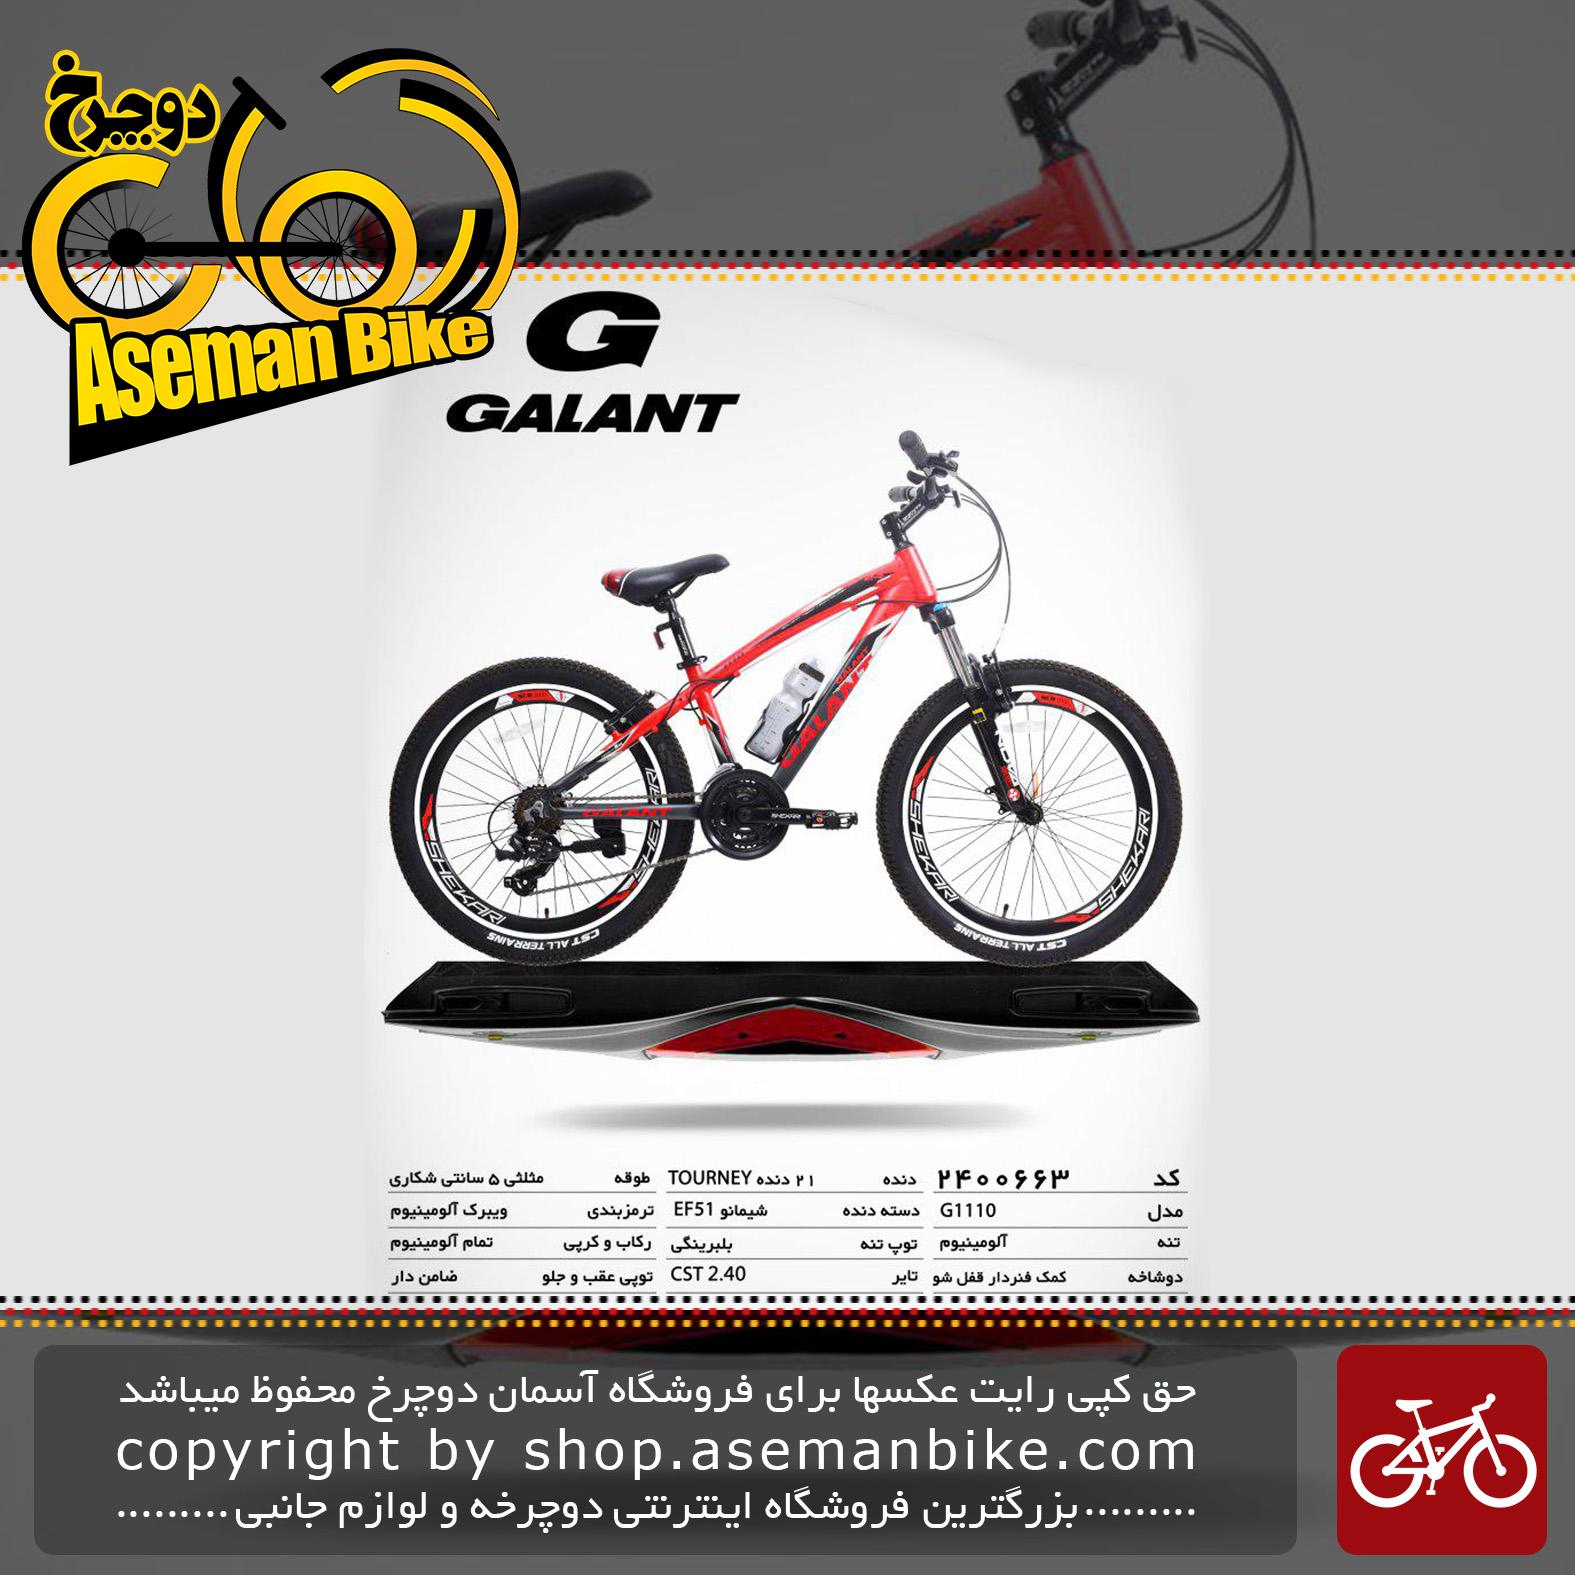 دوچرخه کوهستان شهری گالانت جی 1110 21 دنده سایز 24 ساخت تایوان GALANT Mountain City Bicycle Taiwan G1110 Size 24 2019